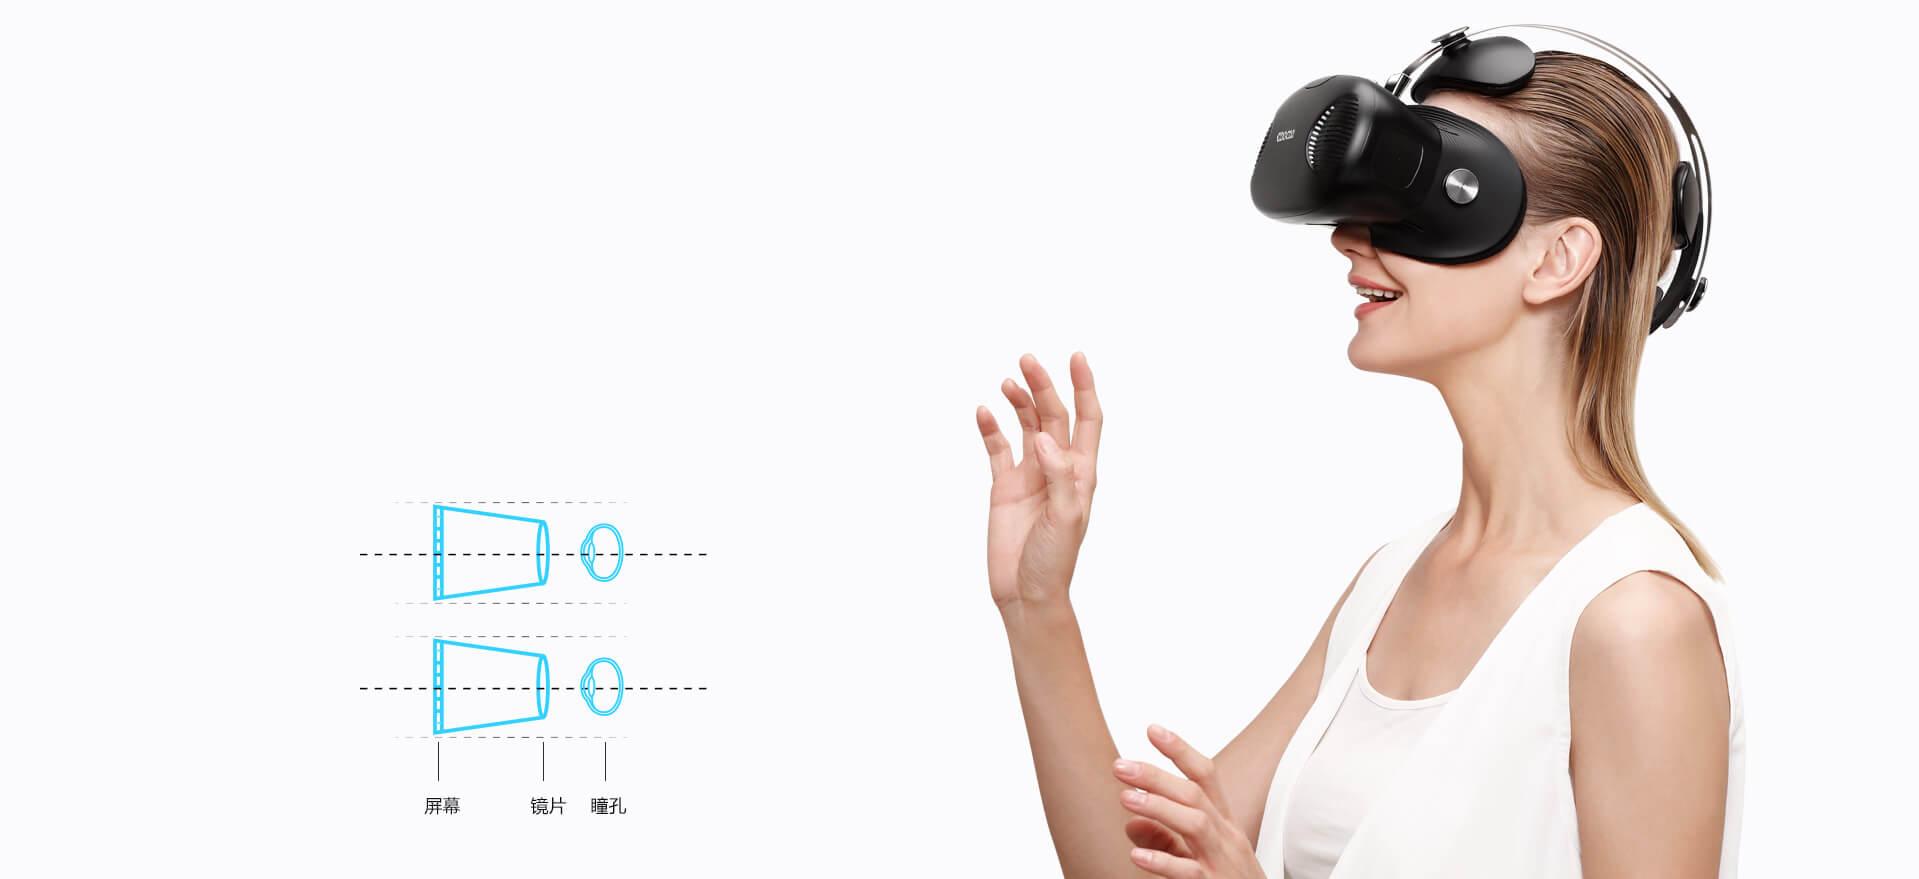 双独立光学单元-酷开VR一体机